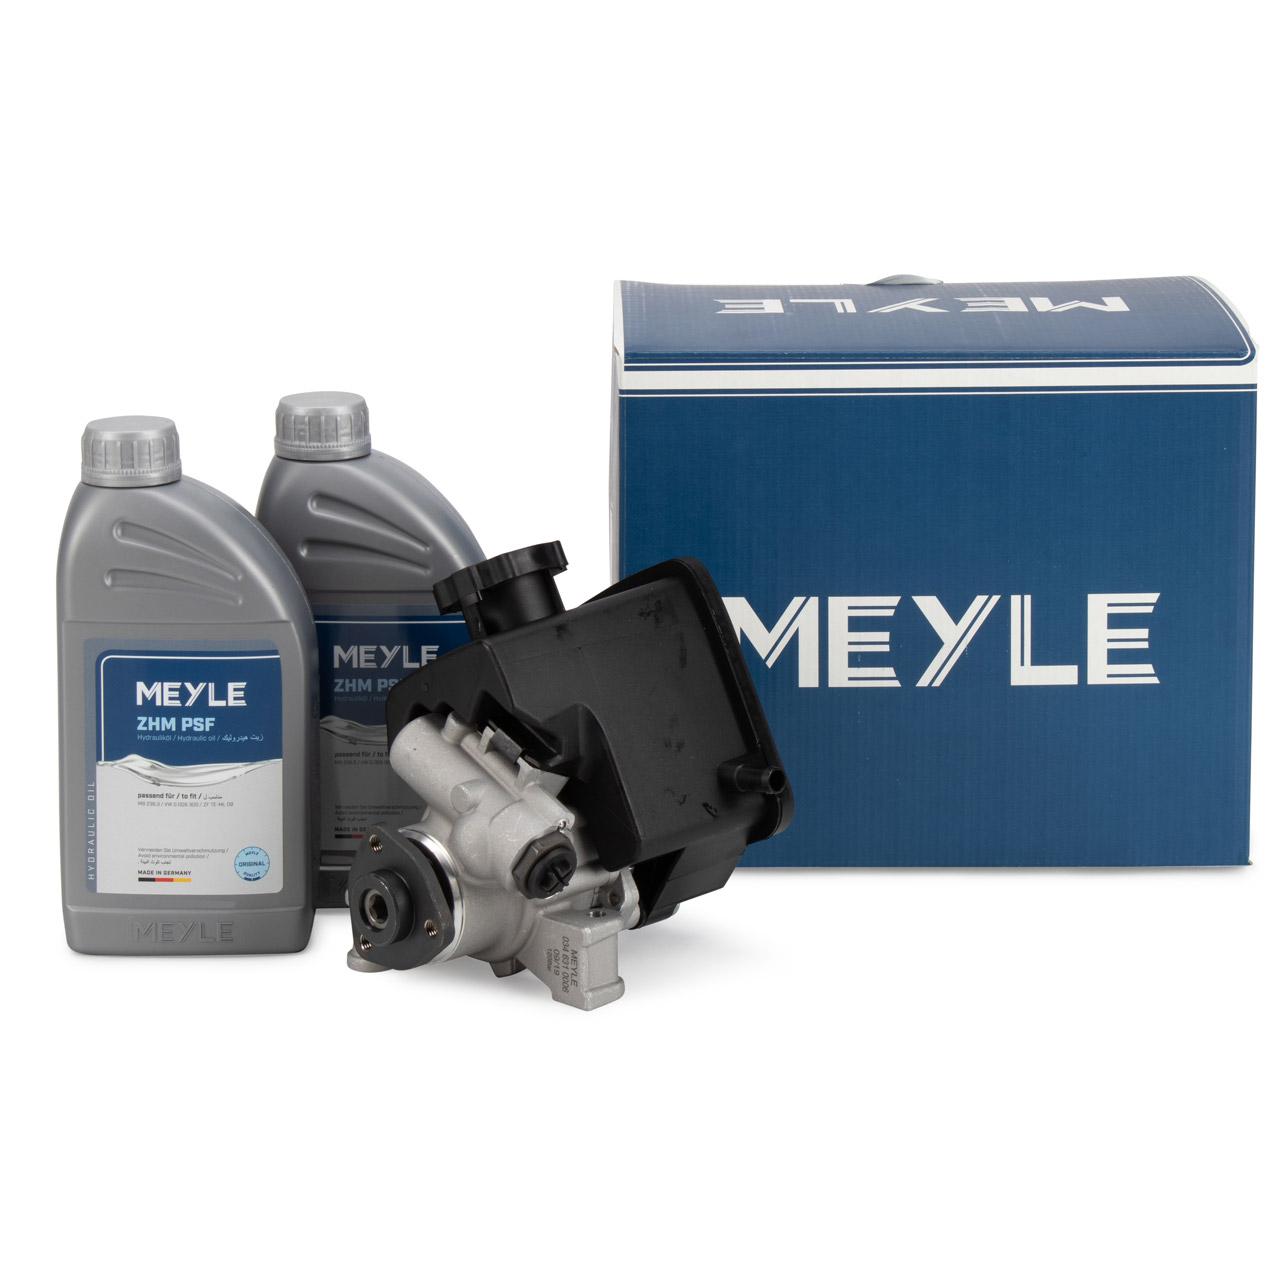 MEYLE Hydraulikpumpe + 2L Hydrauliköl MERCEDES Sprinter 2t-4t B901-B909 OM611 OM612 OM646